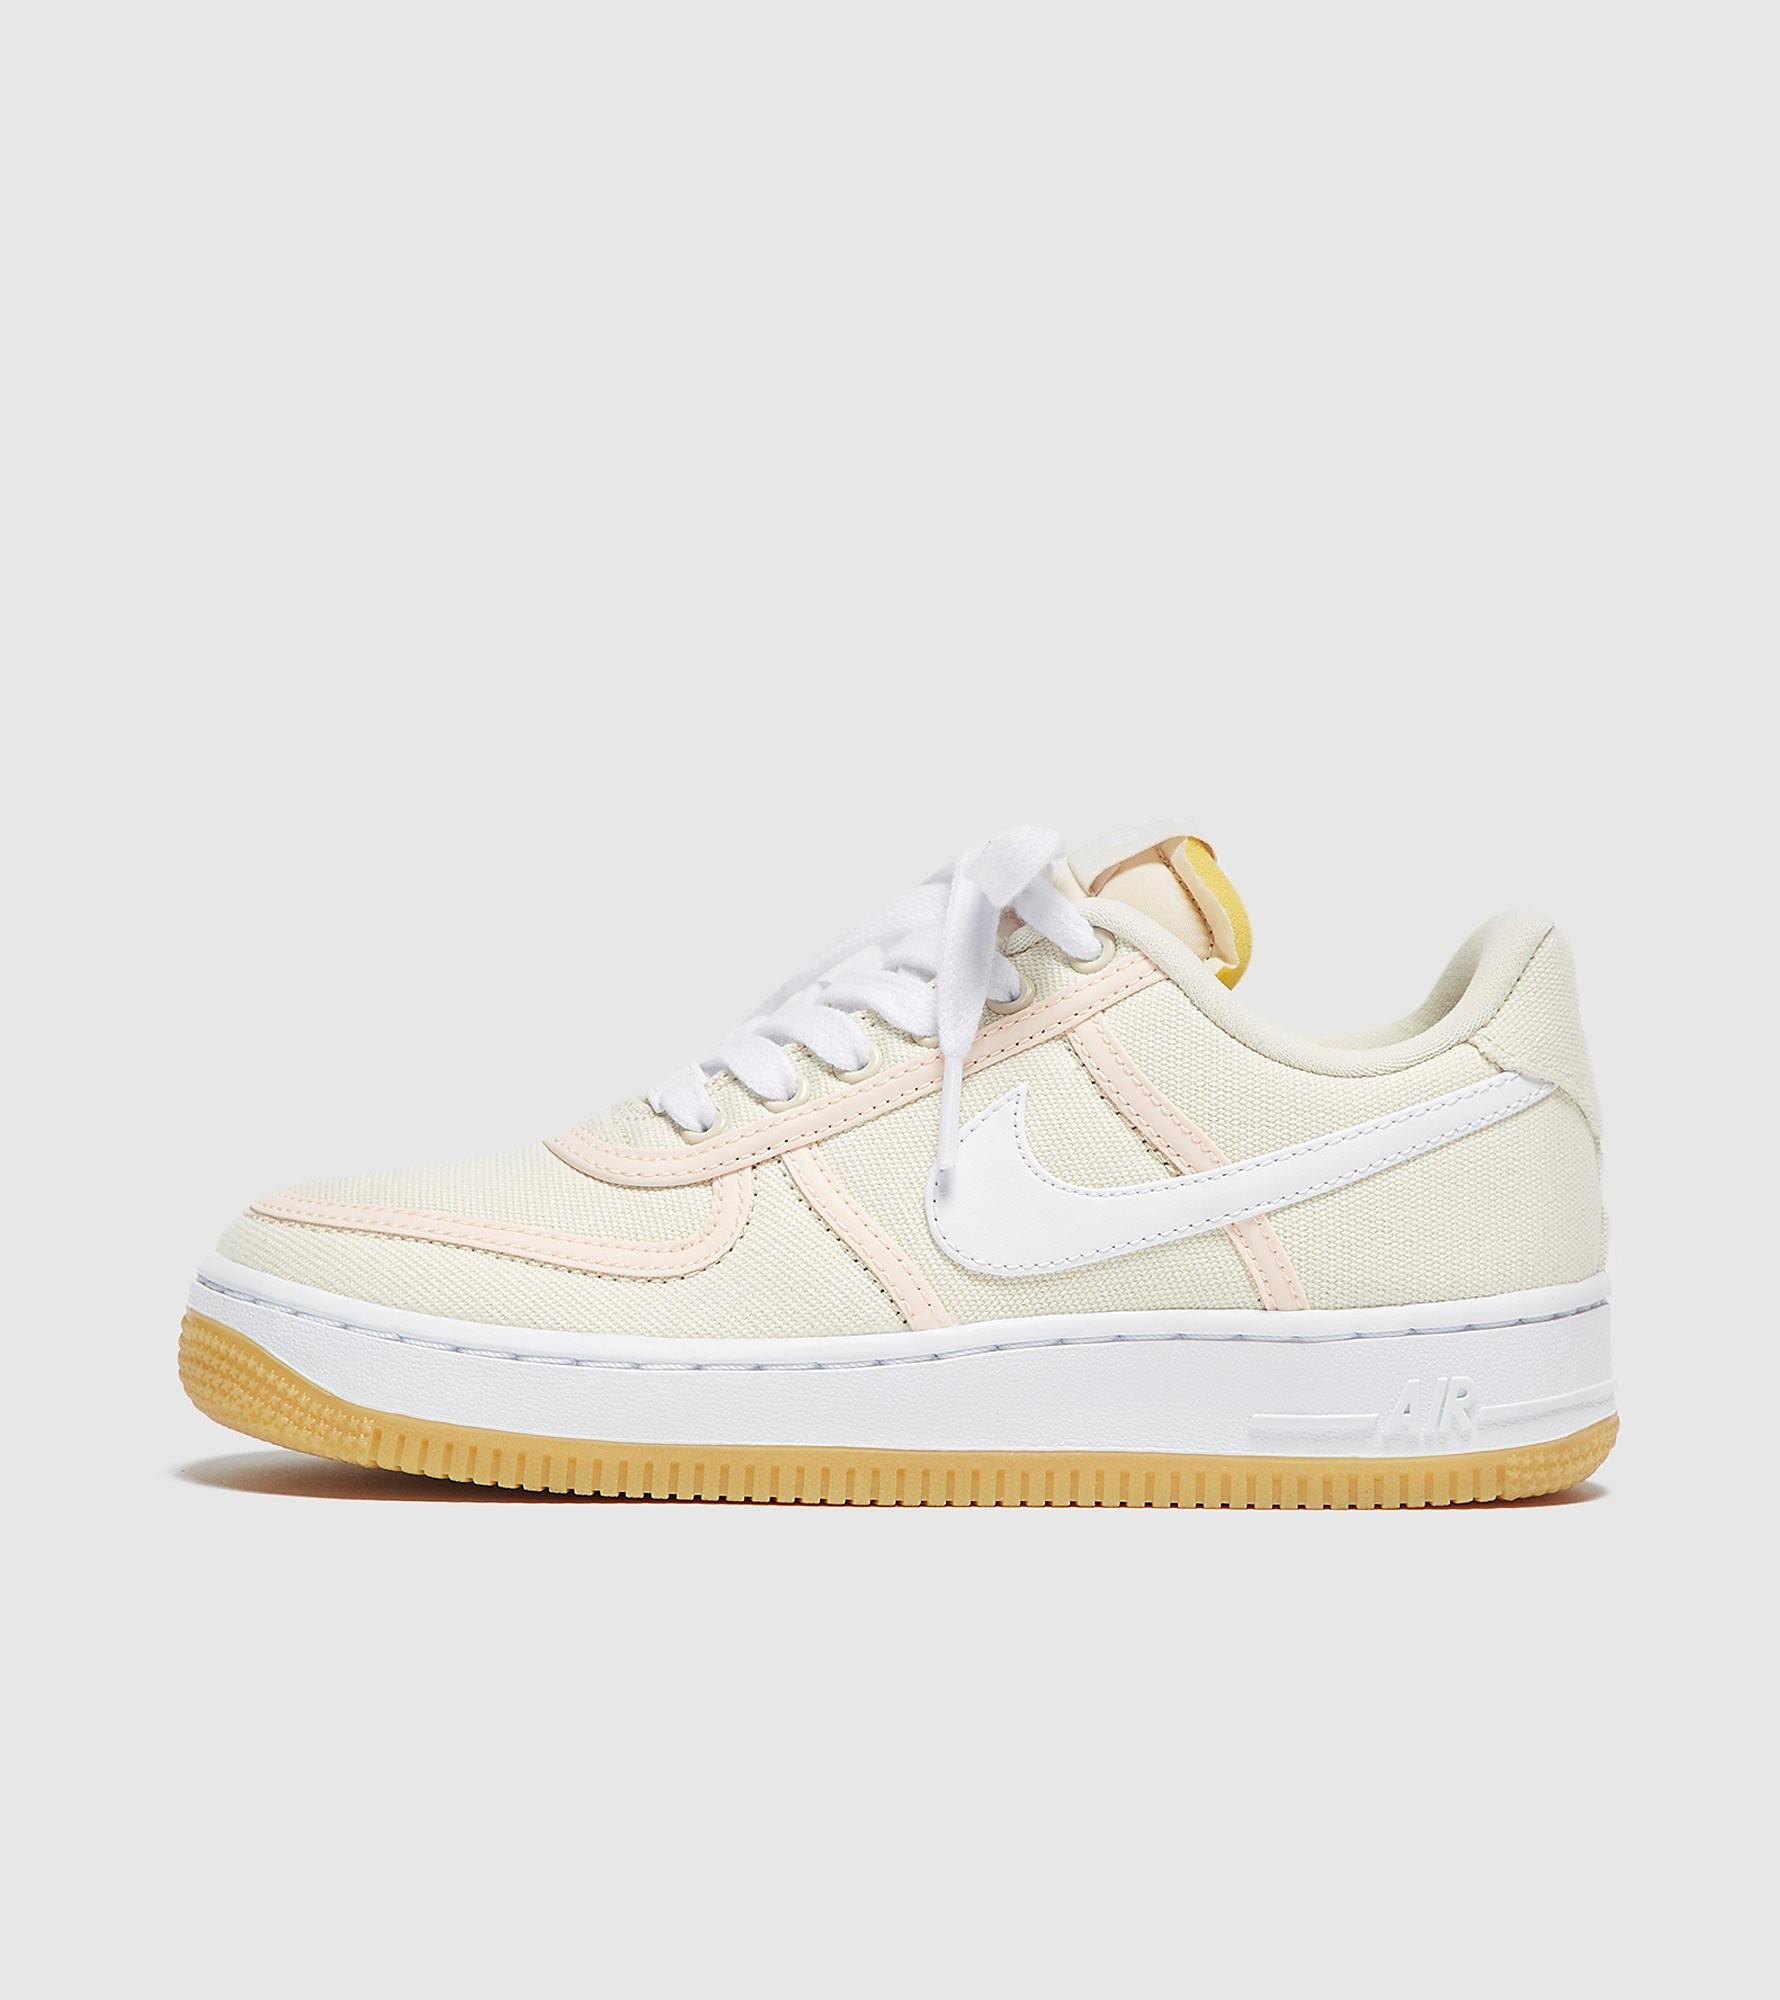 Nike Air Force 1 '07 Premium Dames